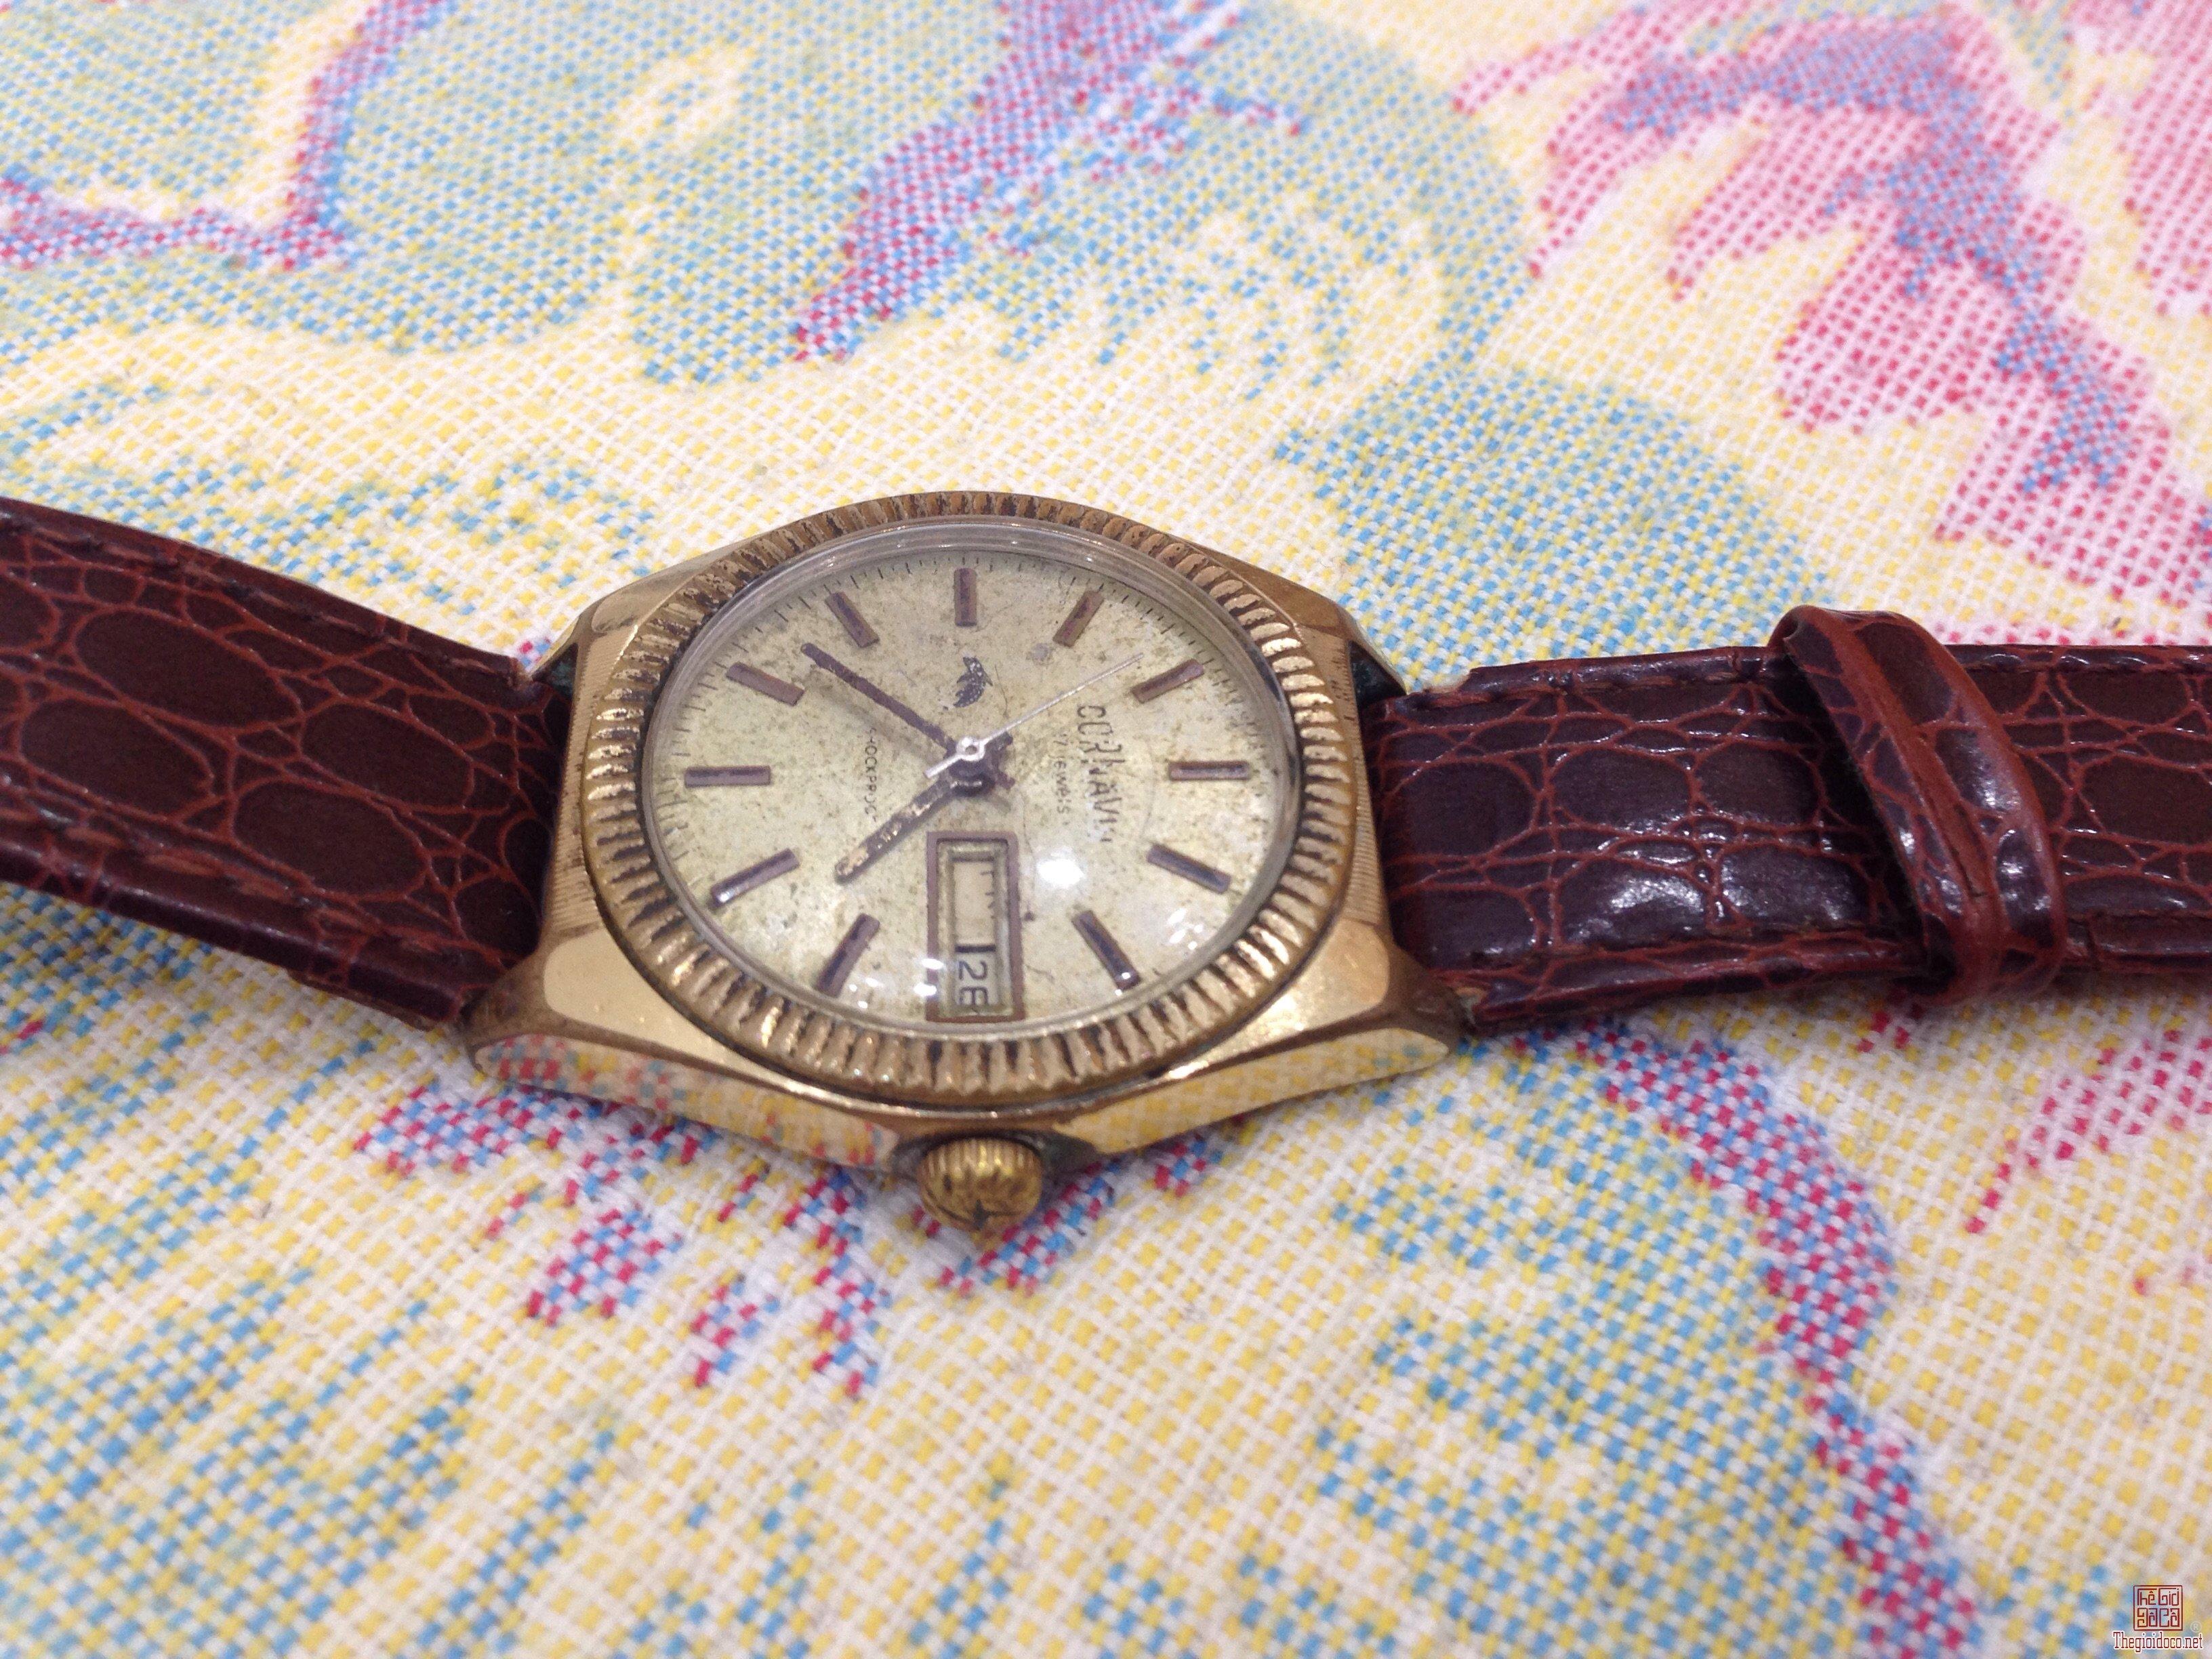 Đồng hồ Cỏnavin cổ liên xô vỏ lắc kê vàng 22k